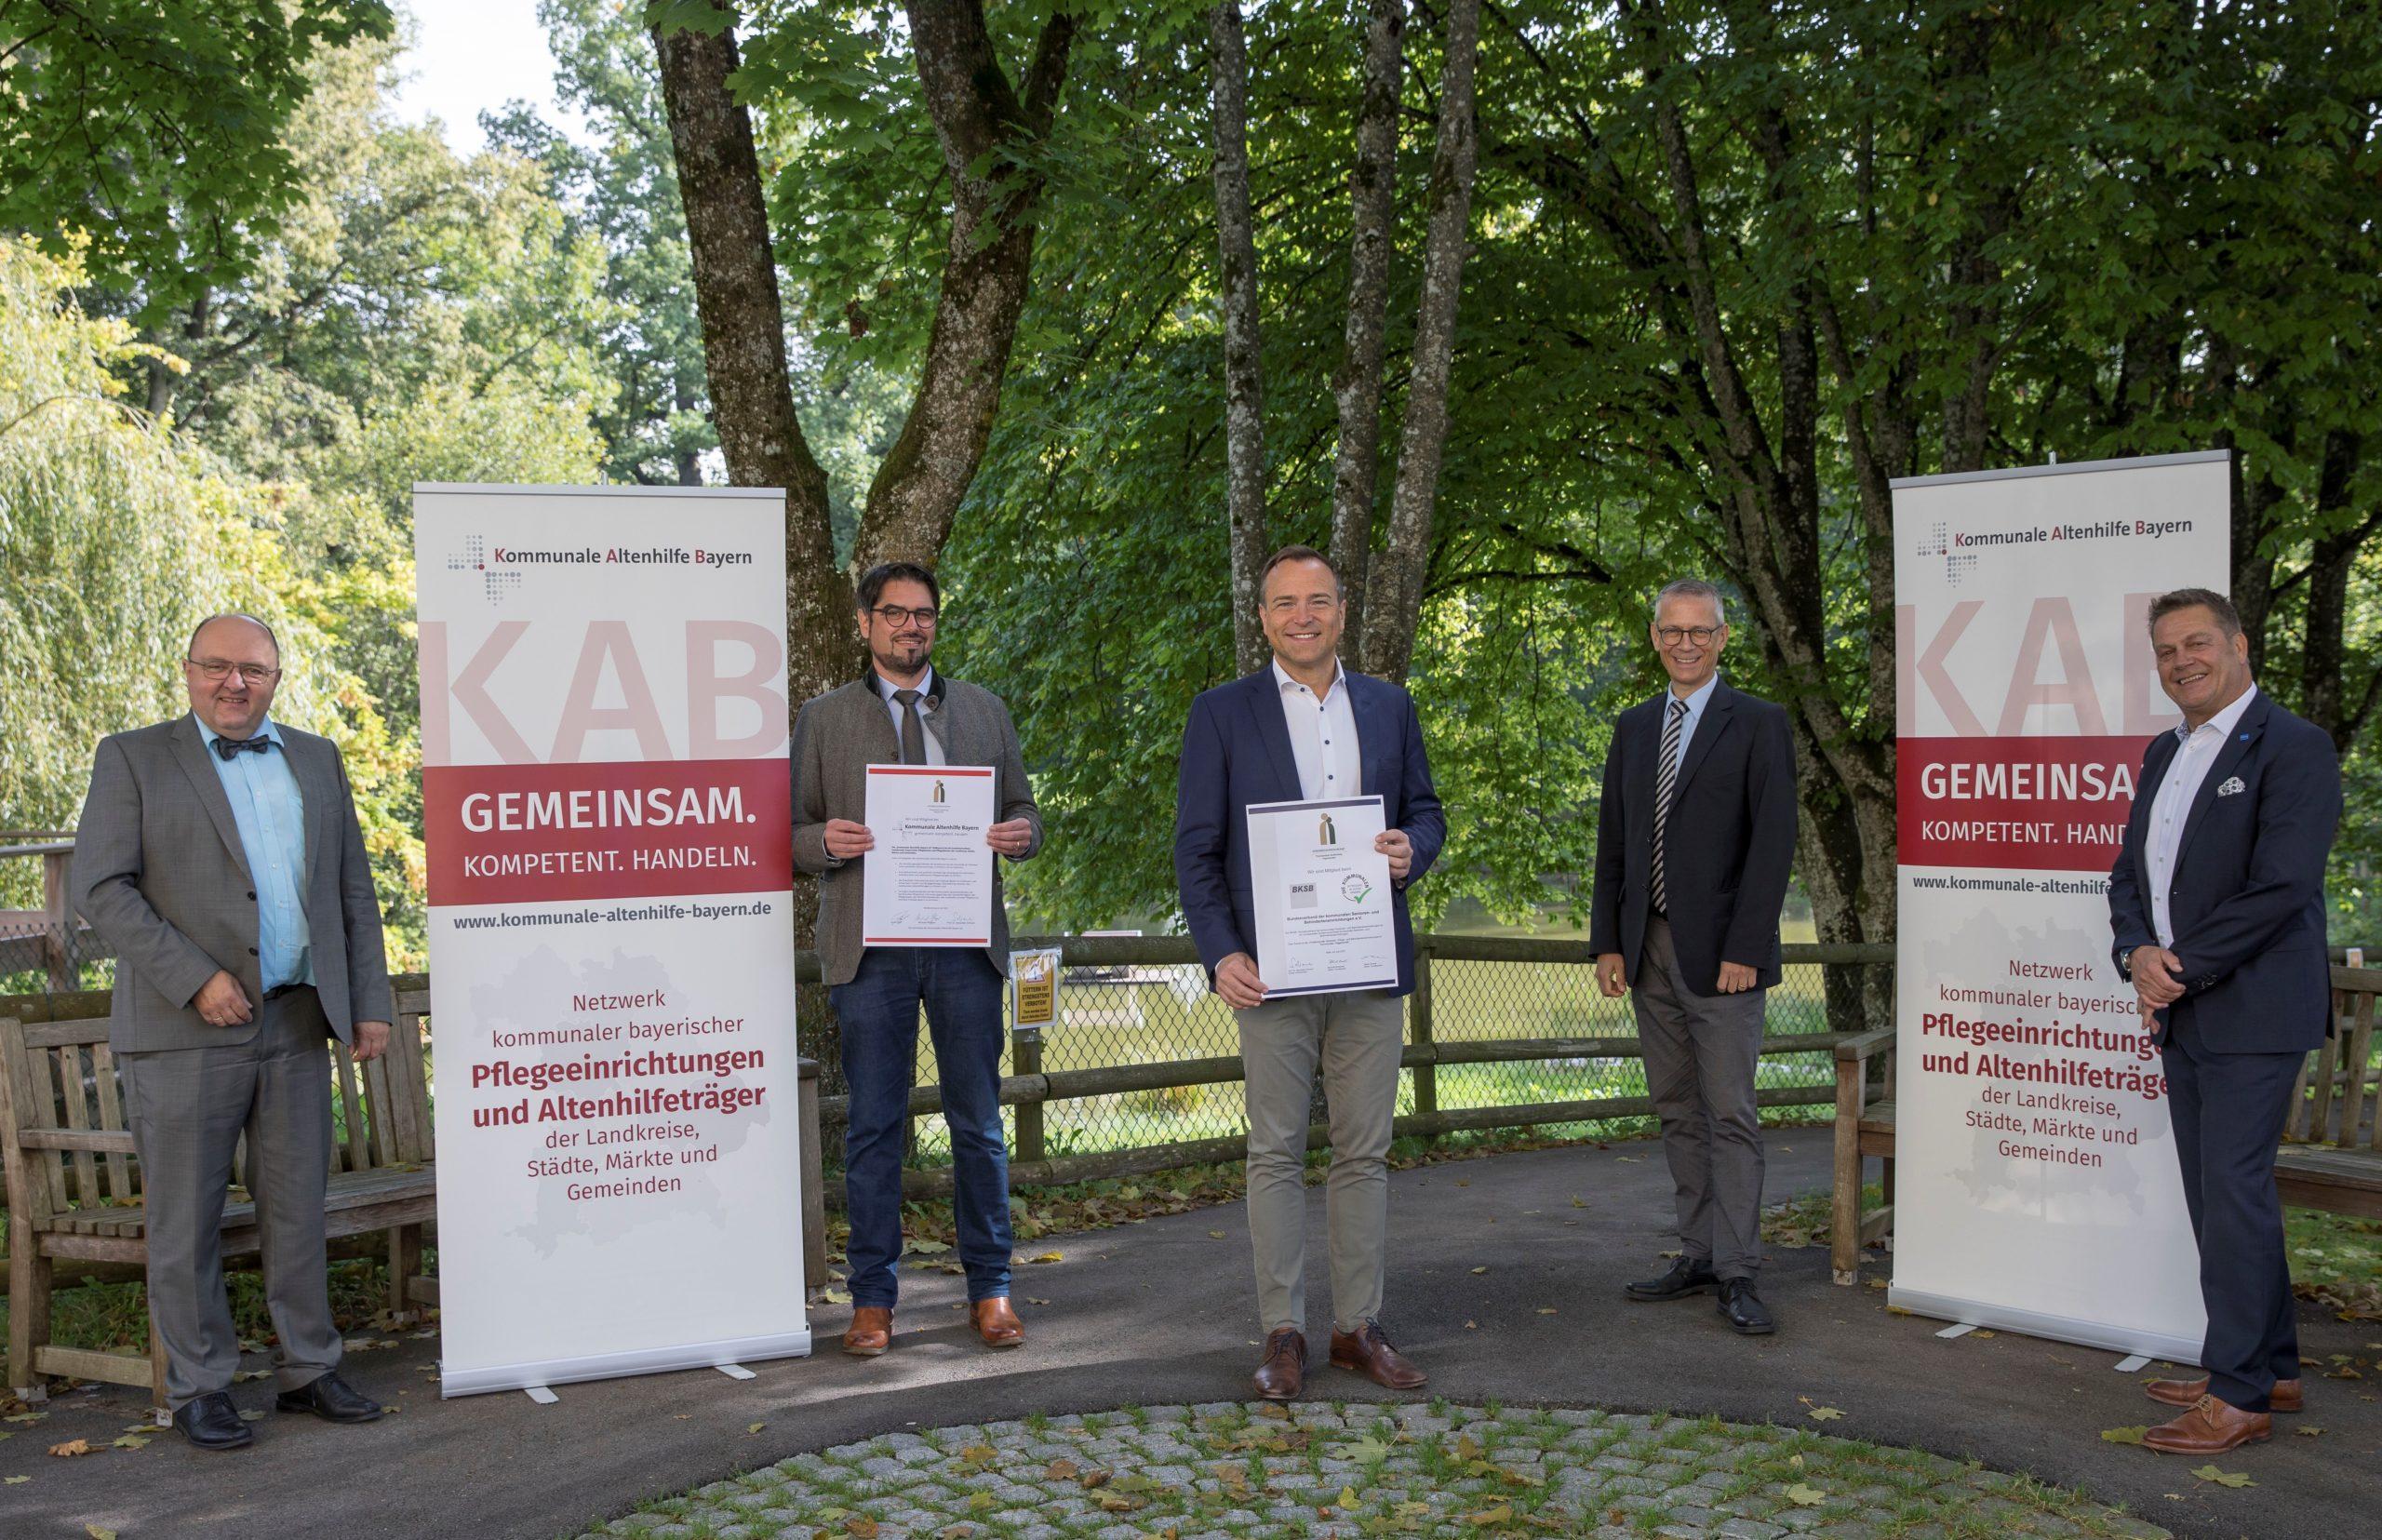 Die Kreisseniorenheime Vilgertshofen und Greifenberg sind nun Mitglied in der Kommunalen Altenhilfe Bayern